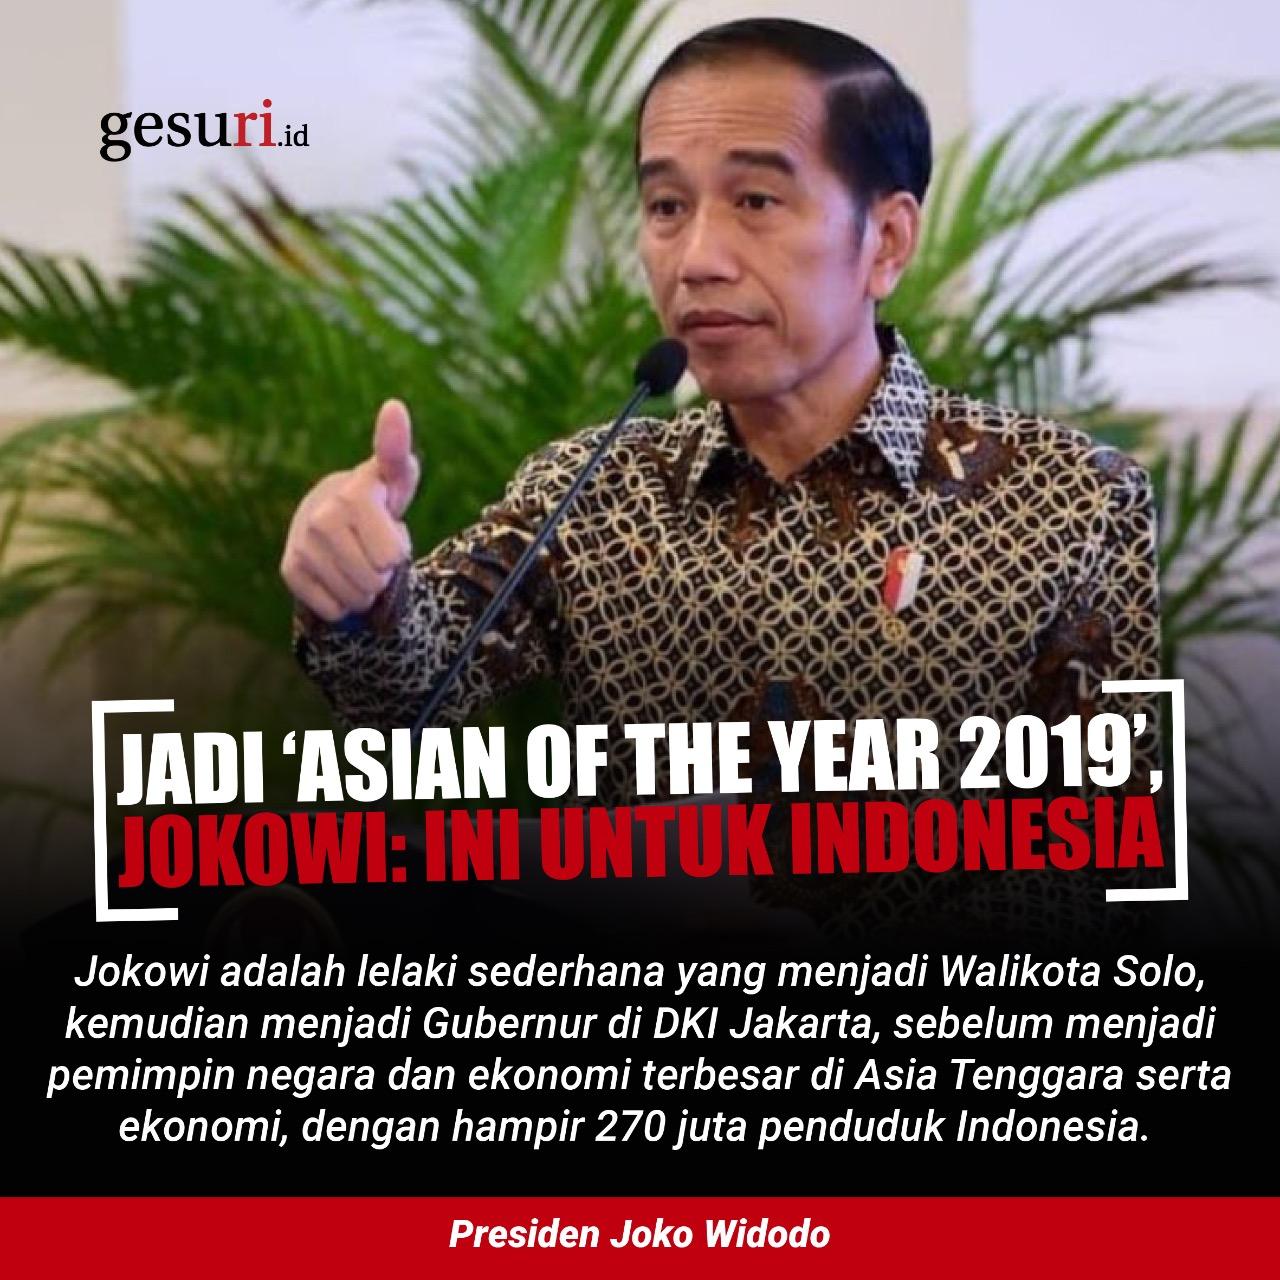 Jadi 'Asian of The Year 2019', Jokowi: Ini untuk Indonesia